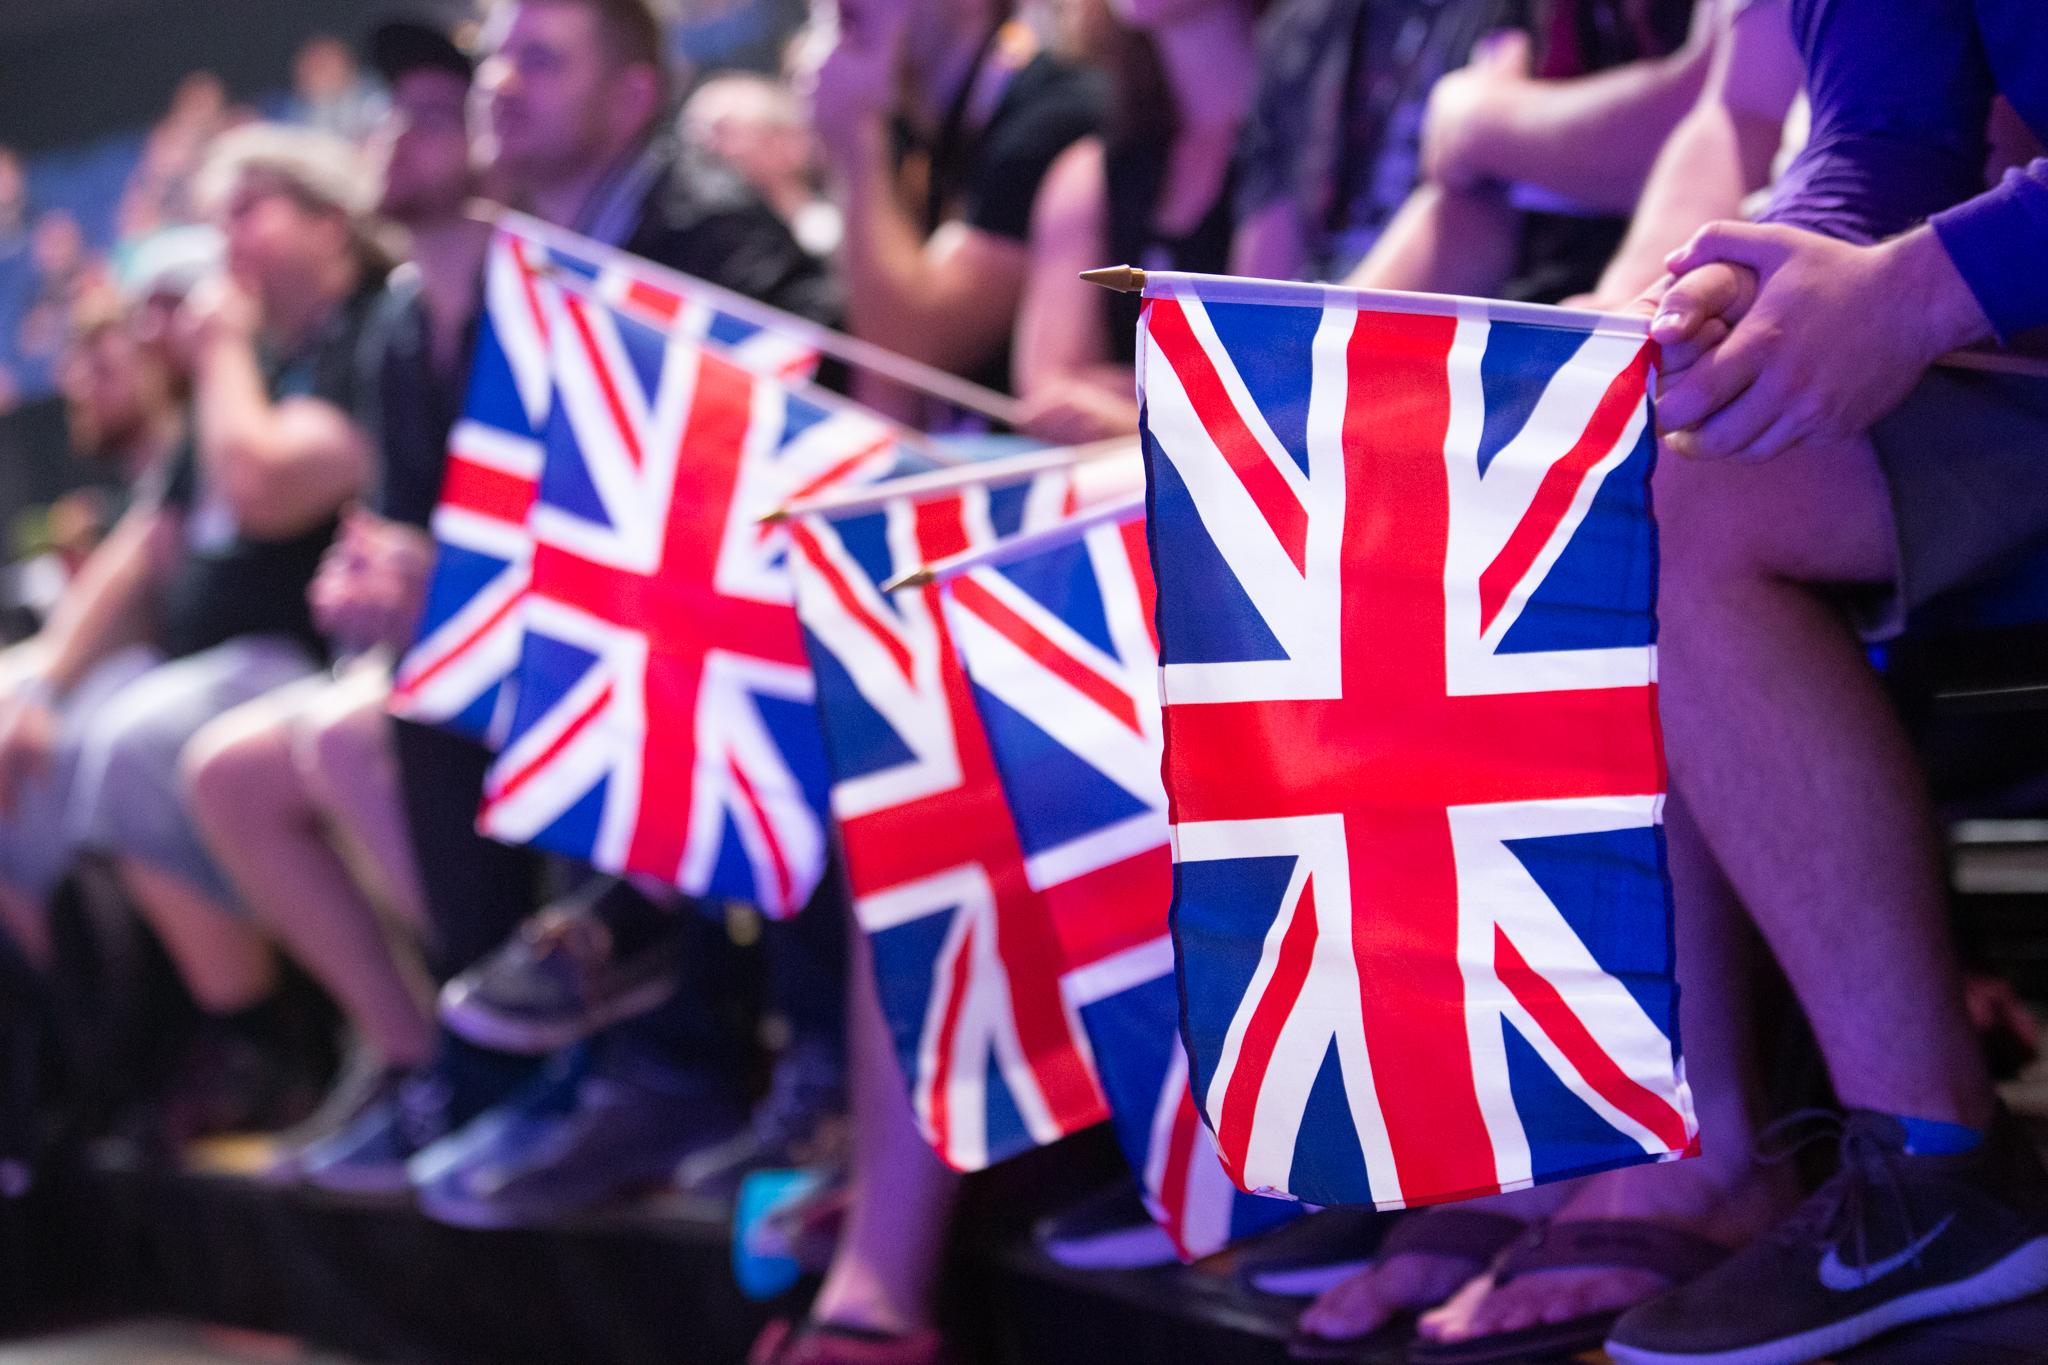 uk-fans-3.jpg